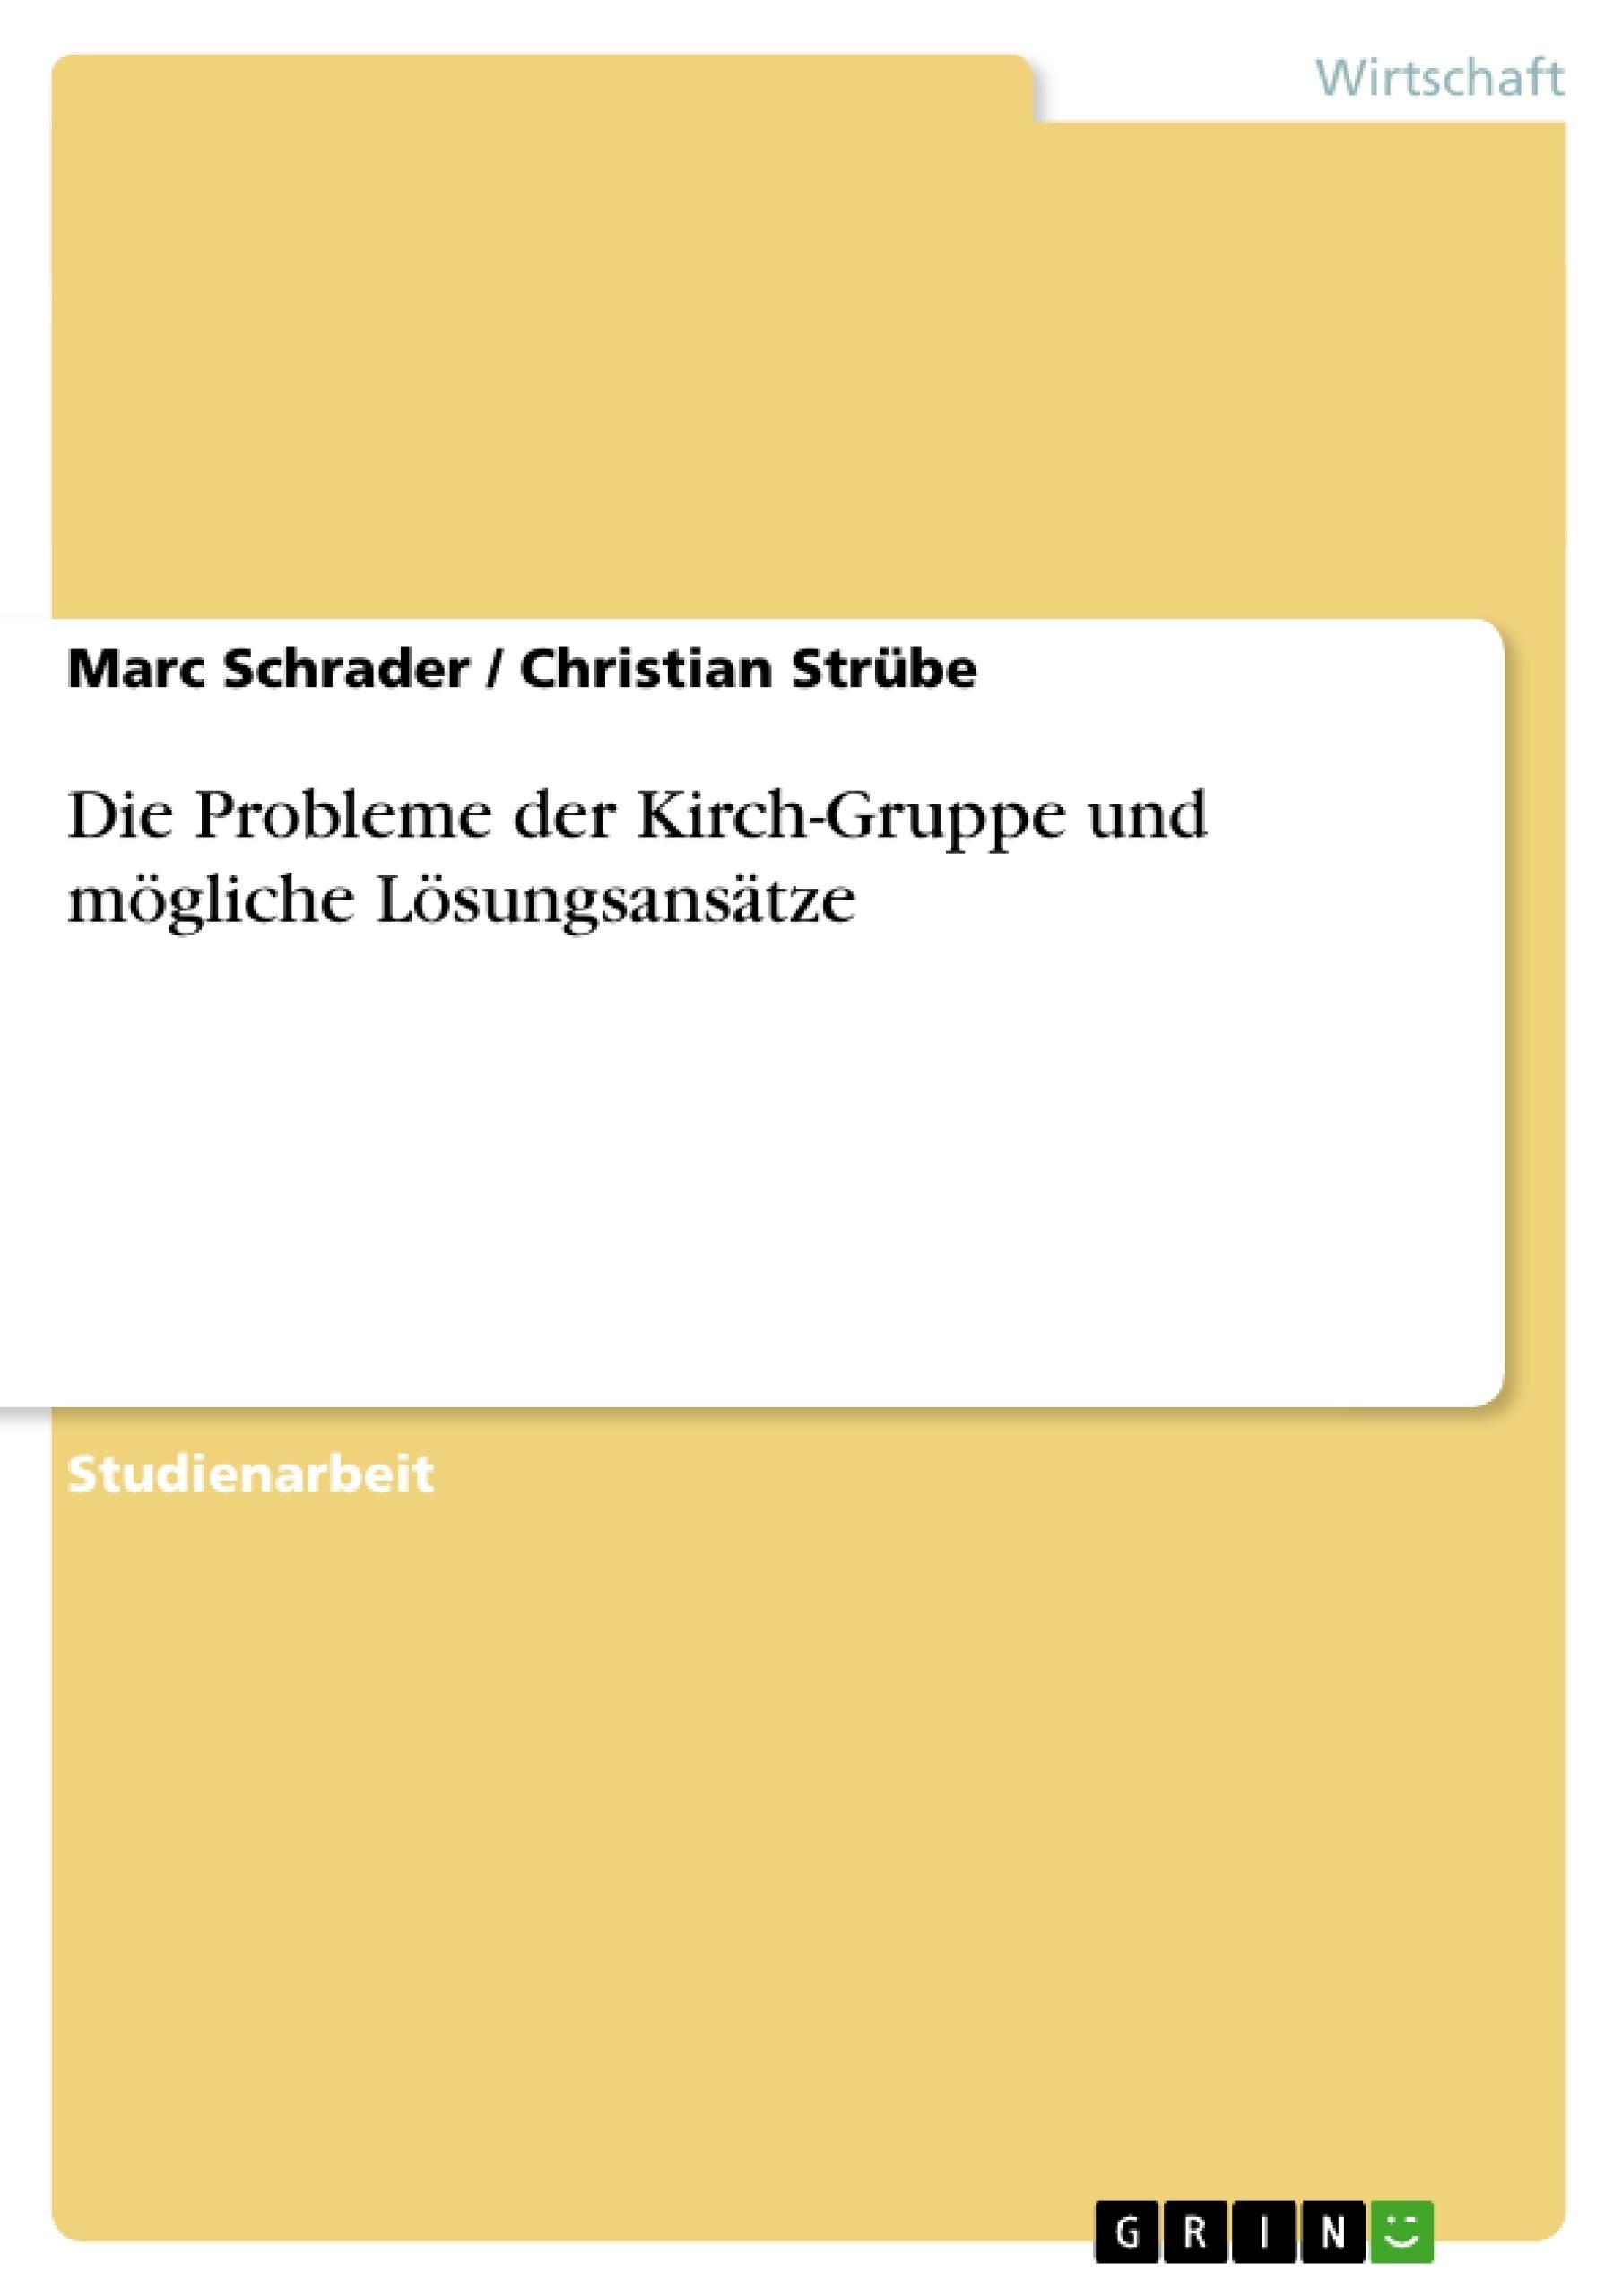 Titel: Die Probleme der Kirch-Gruppe und mögliche Lösungsansätze